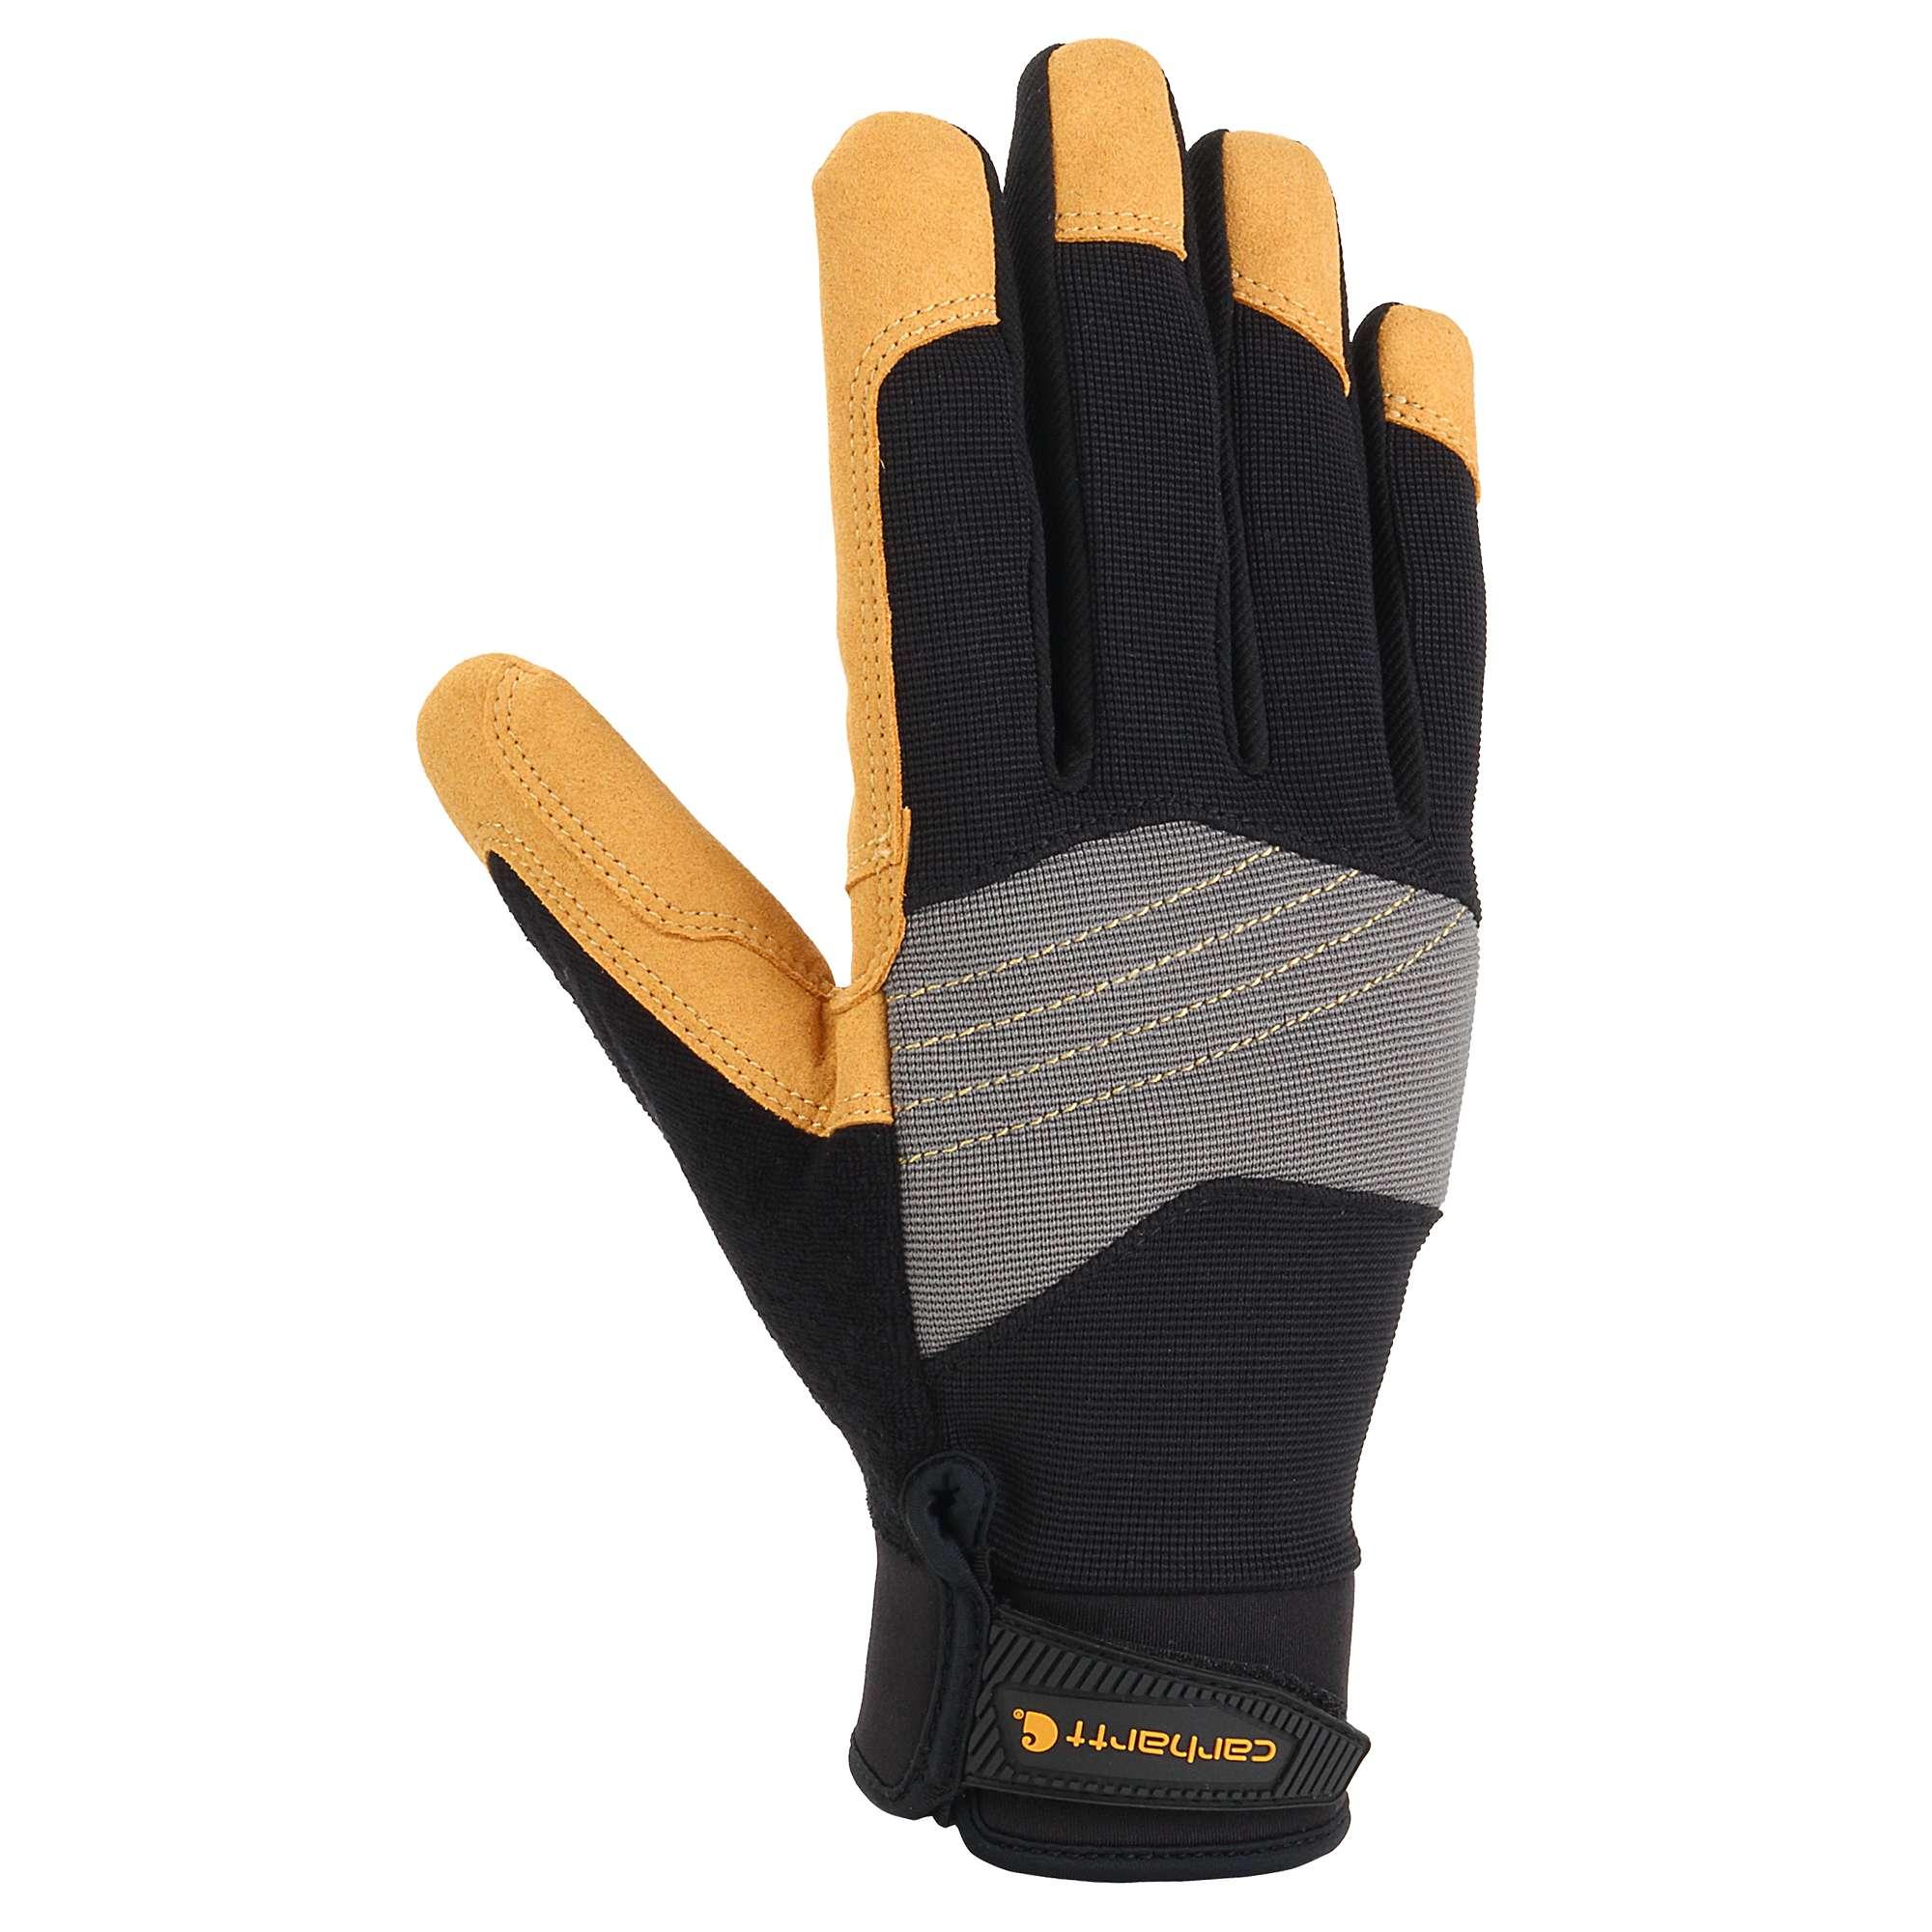 Carhartt Trade Grip High Dexterity Glove